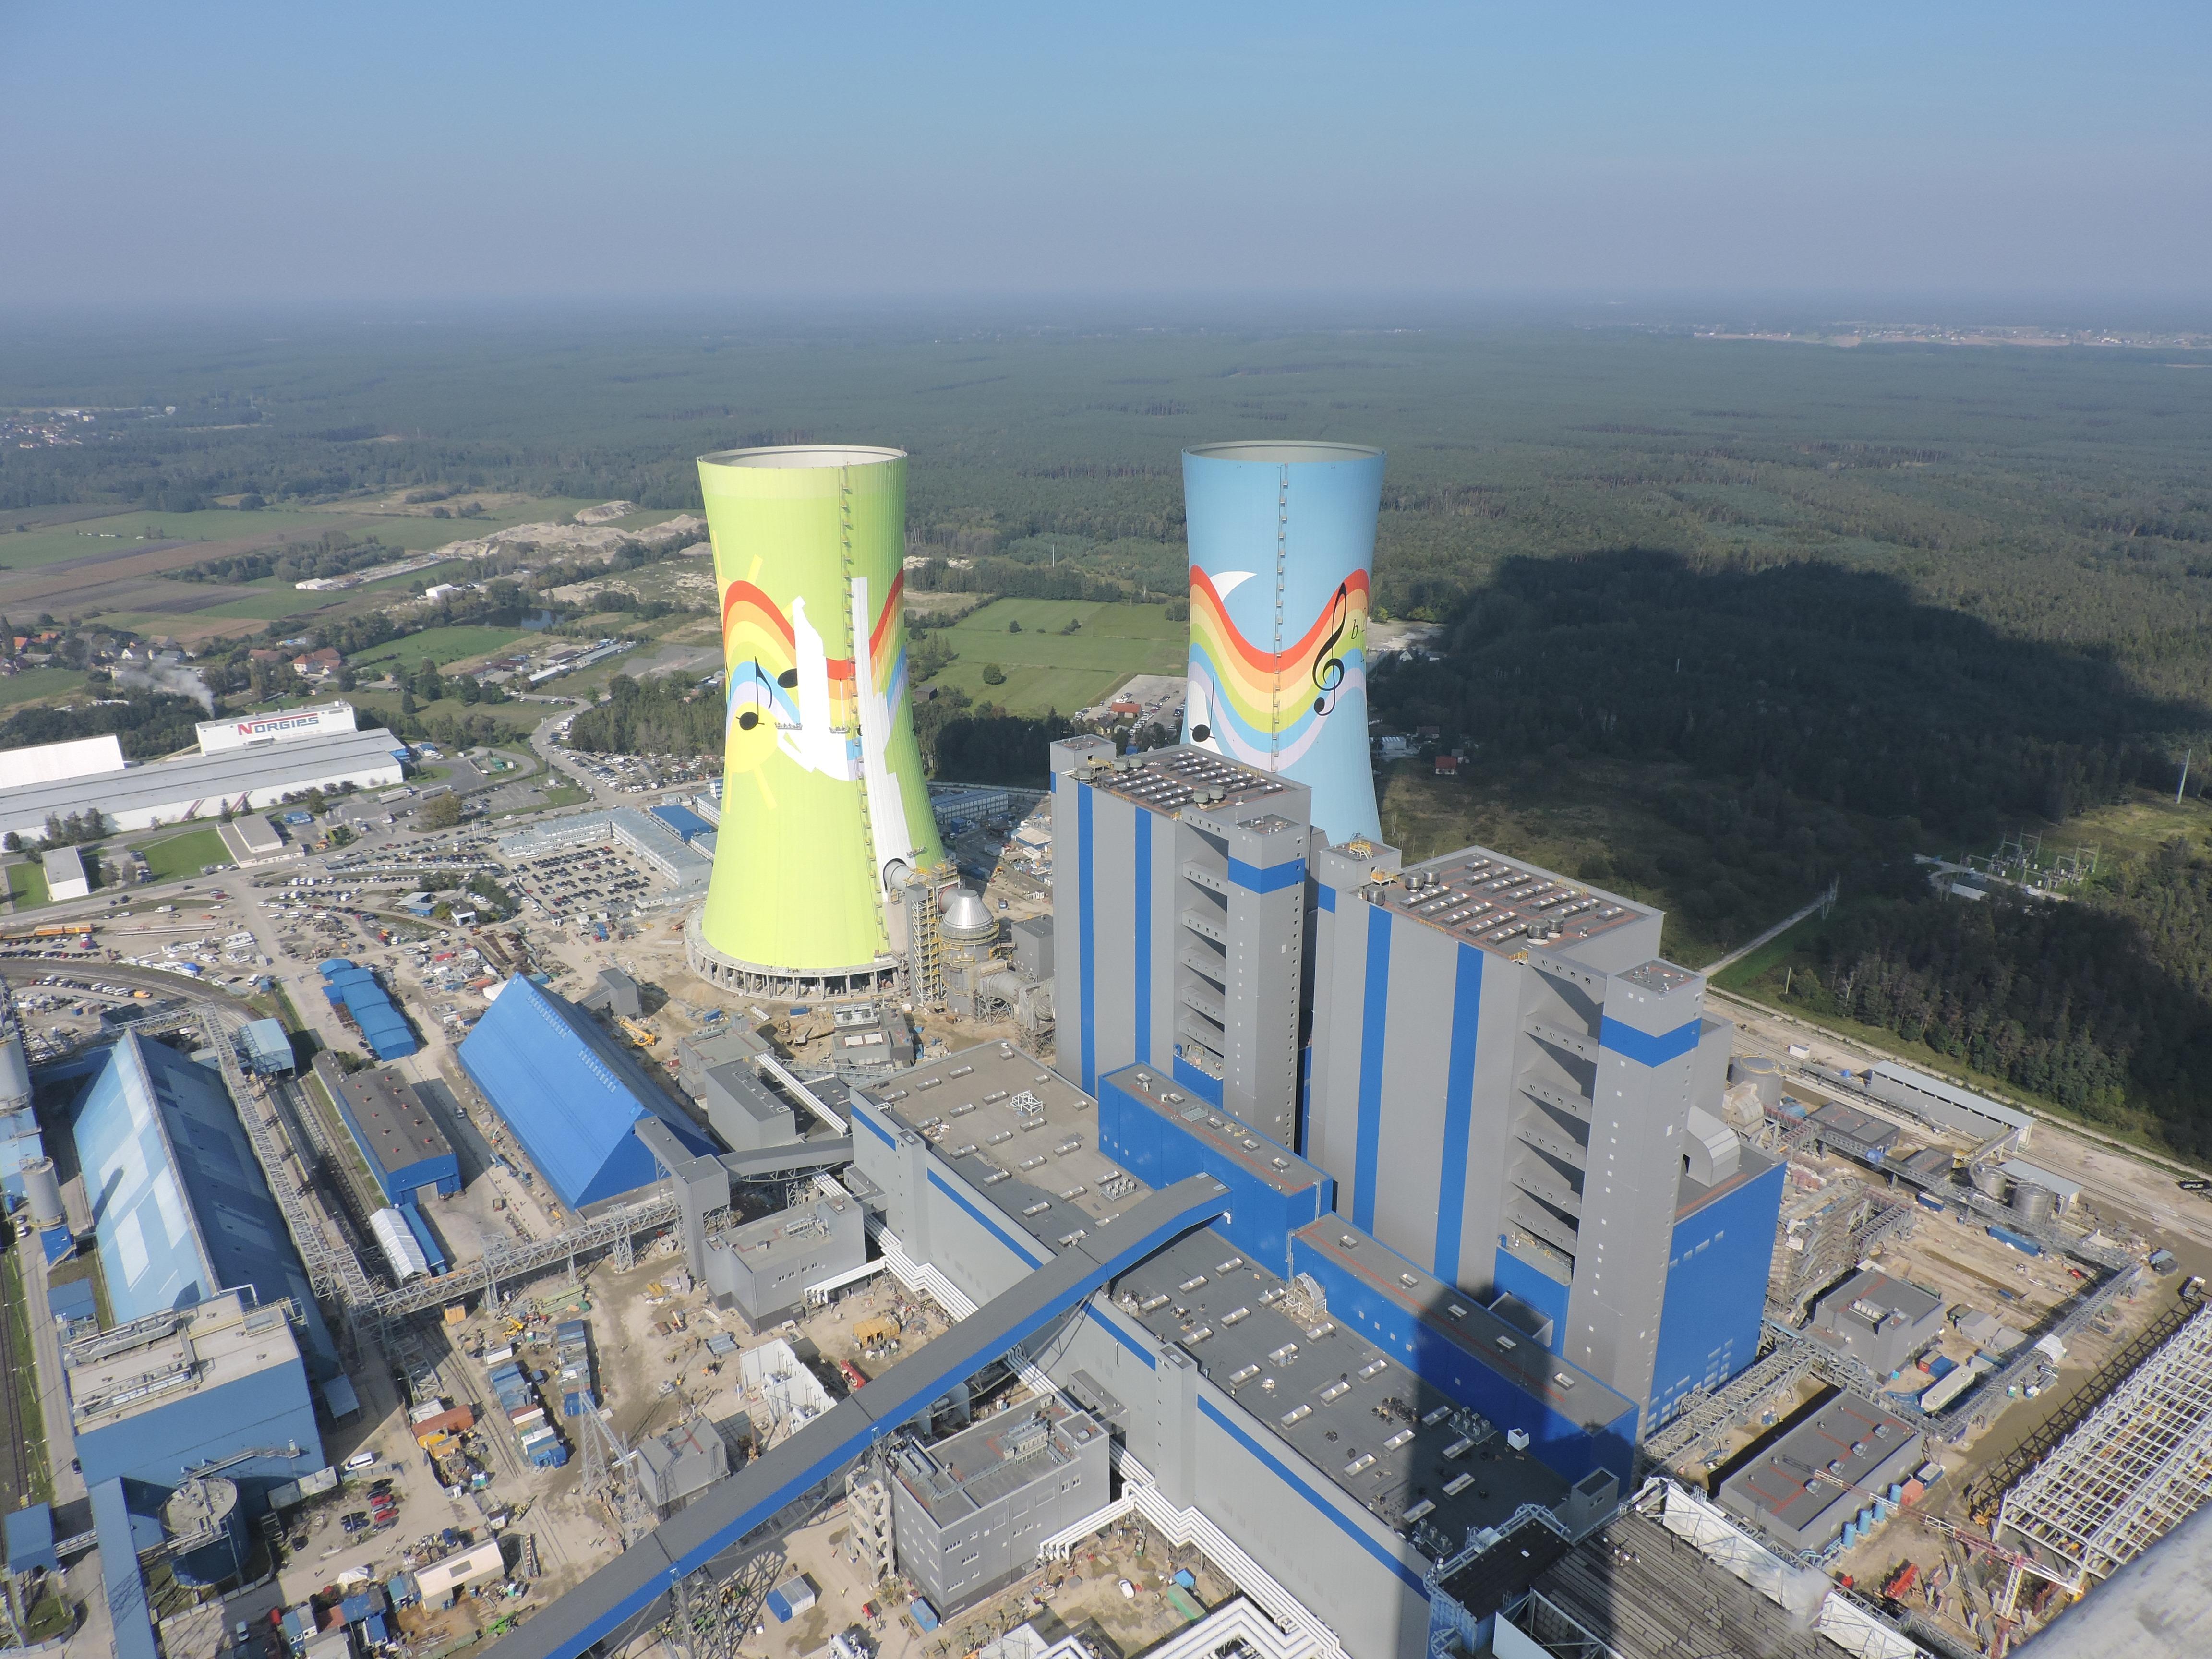 Elektrownia Opole malowanie kominó